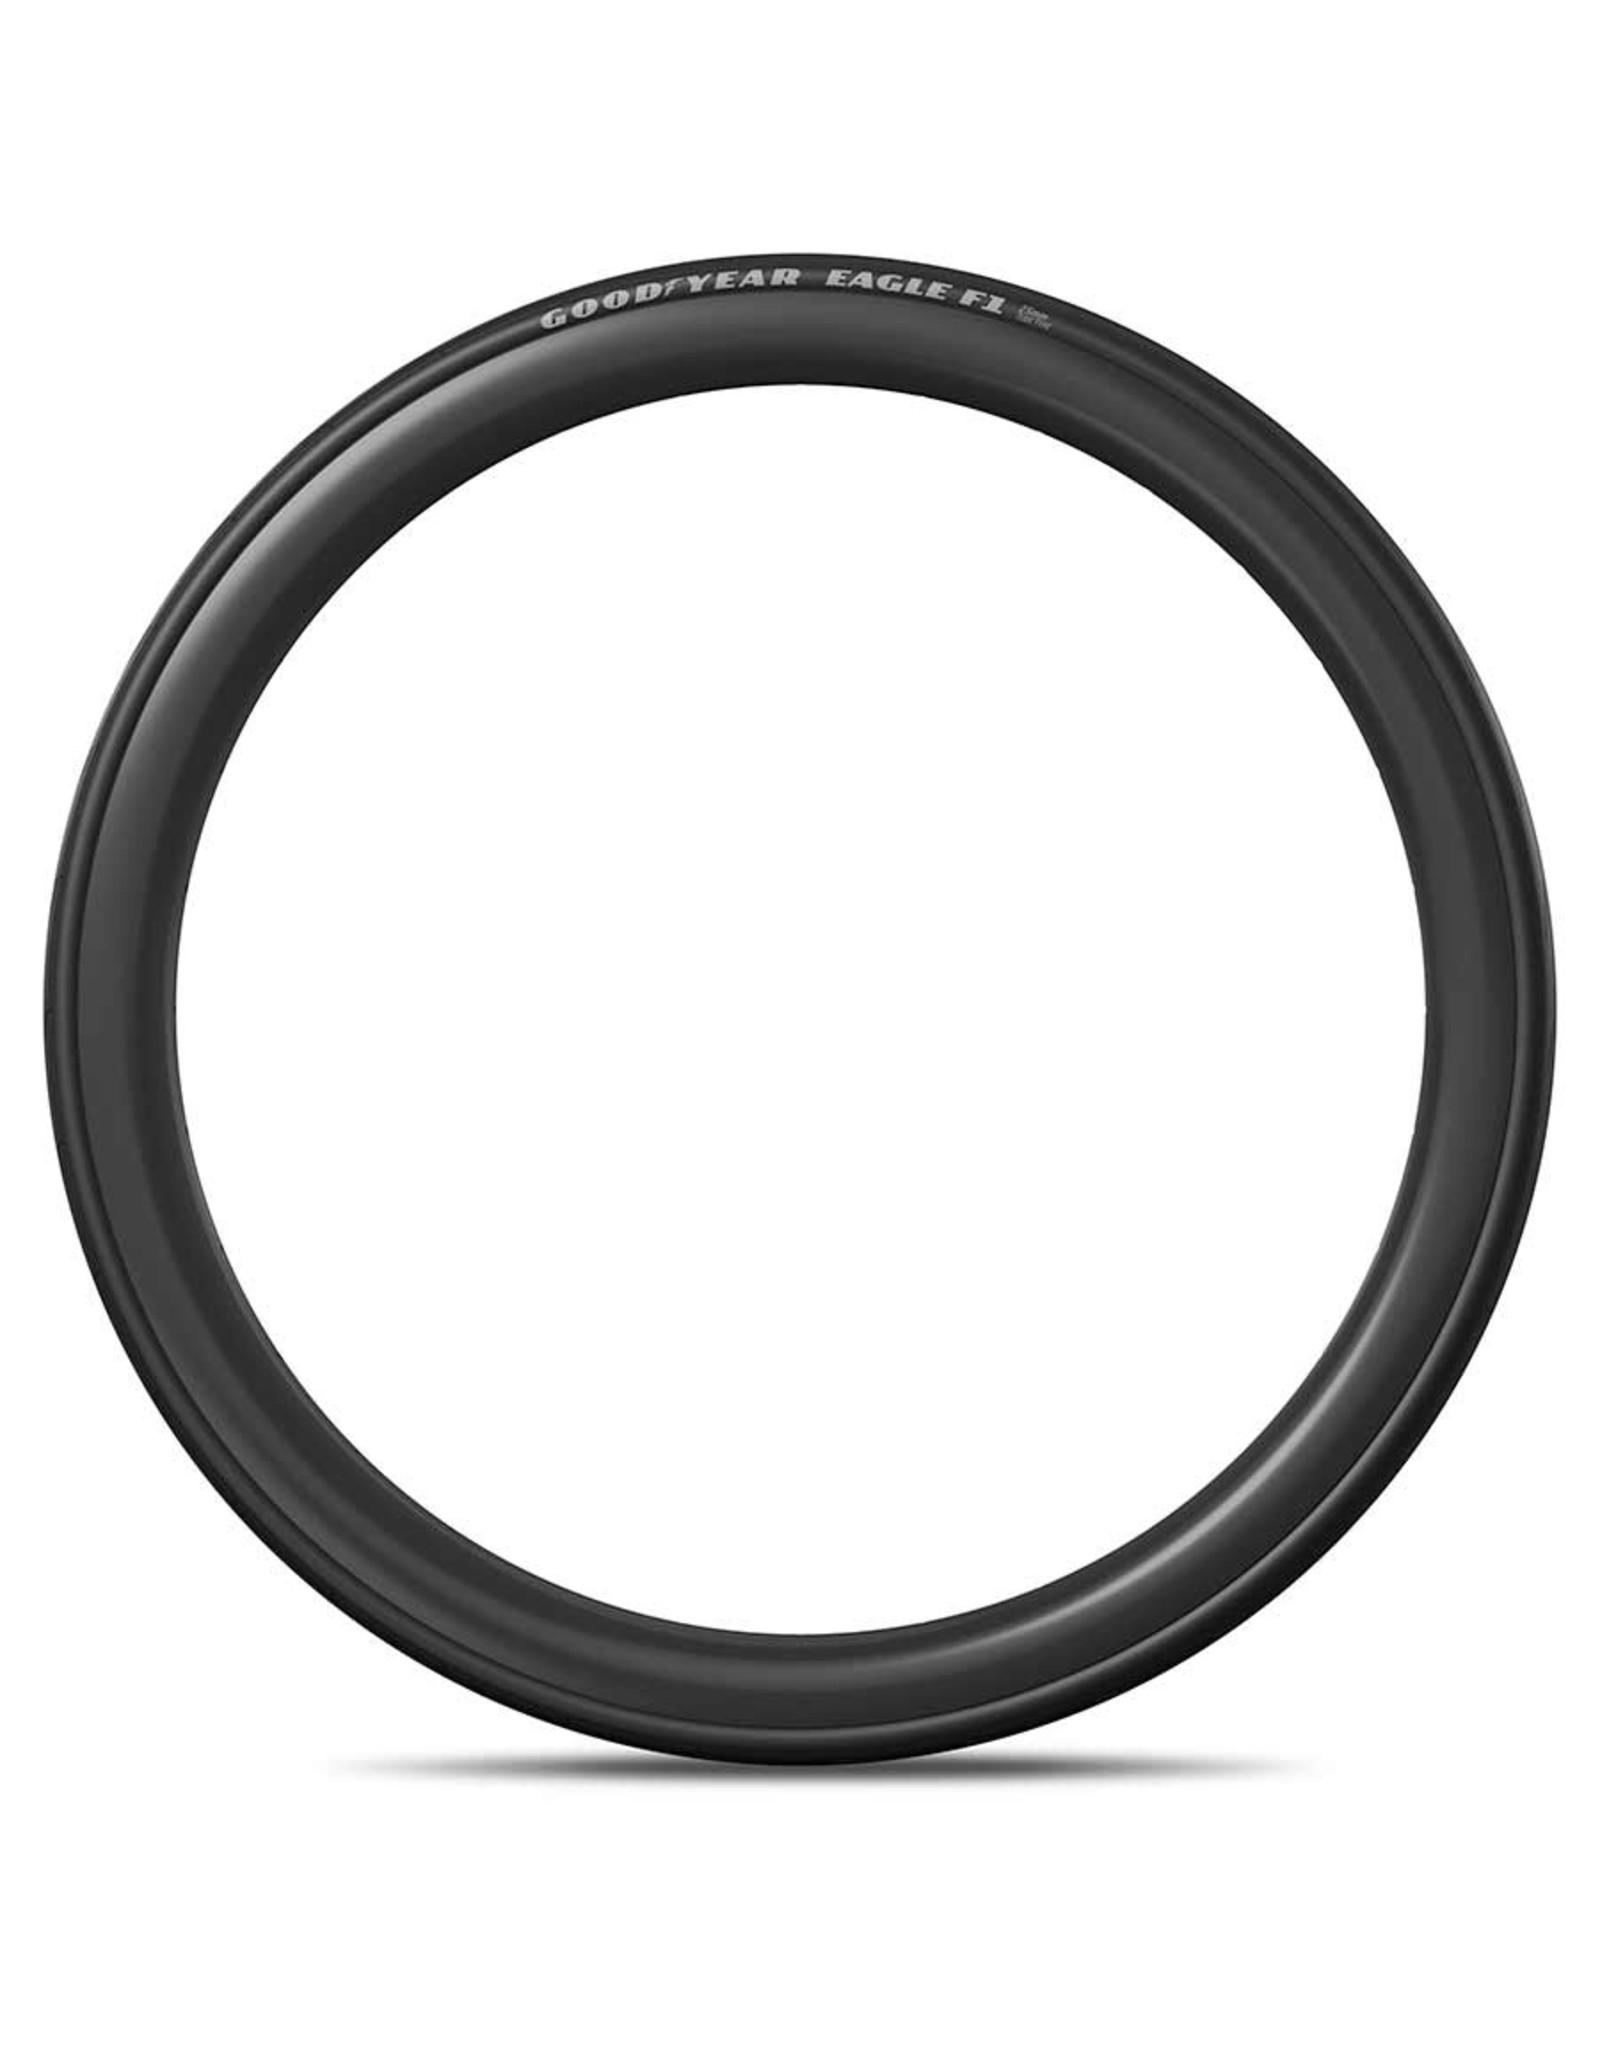 Goodyear, Eagle F1, Tire, 700x25C, Folding, Clincher, Dynamic:GSR, R:Shield, 120TPI, Black